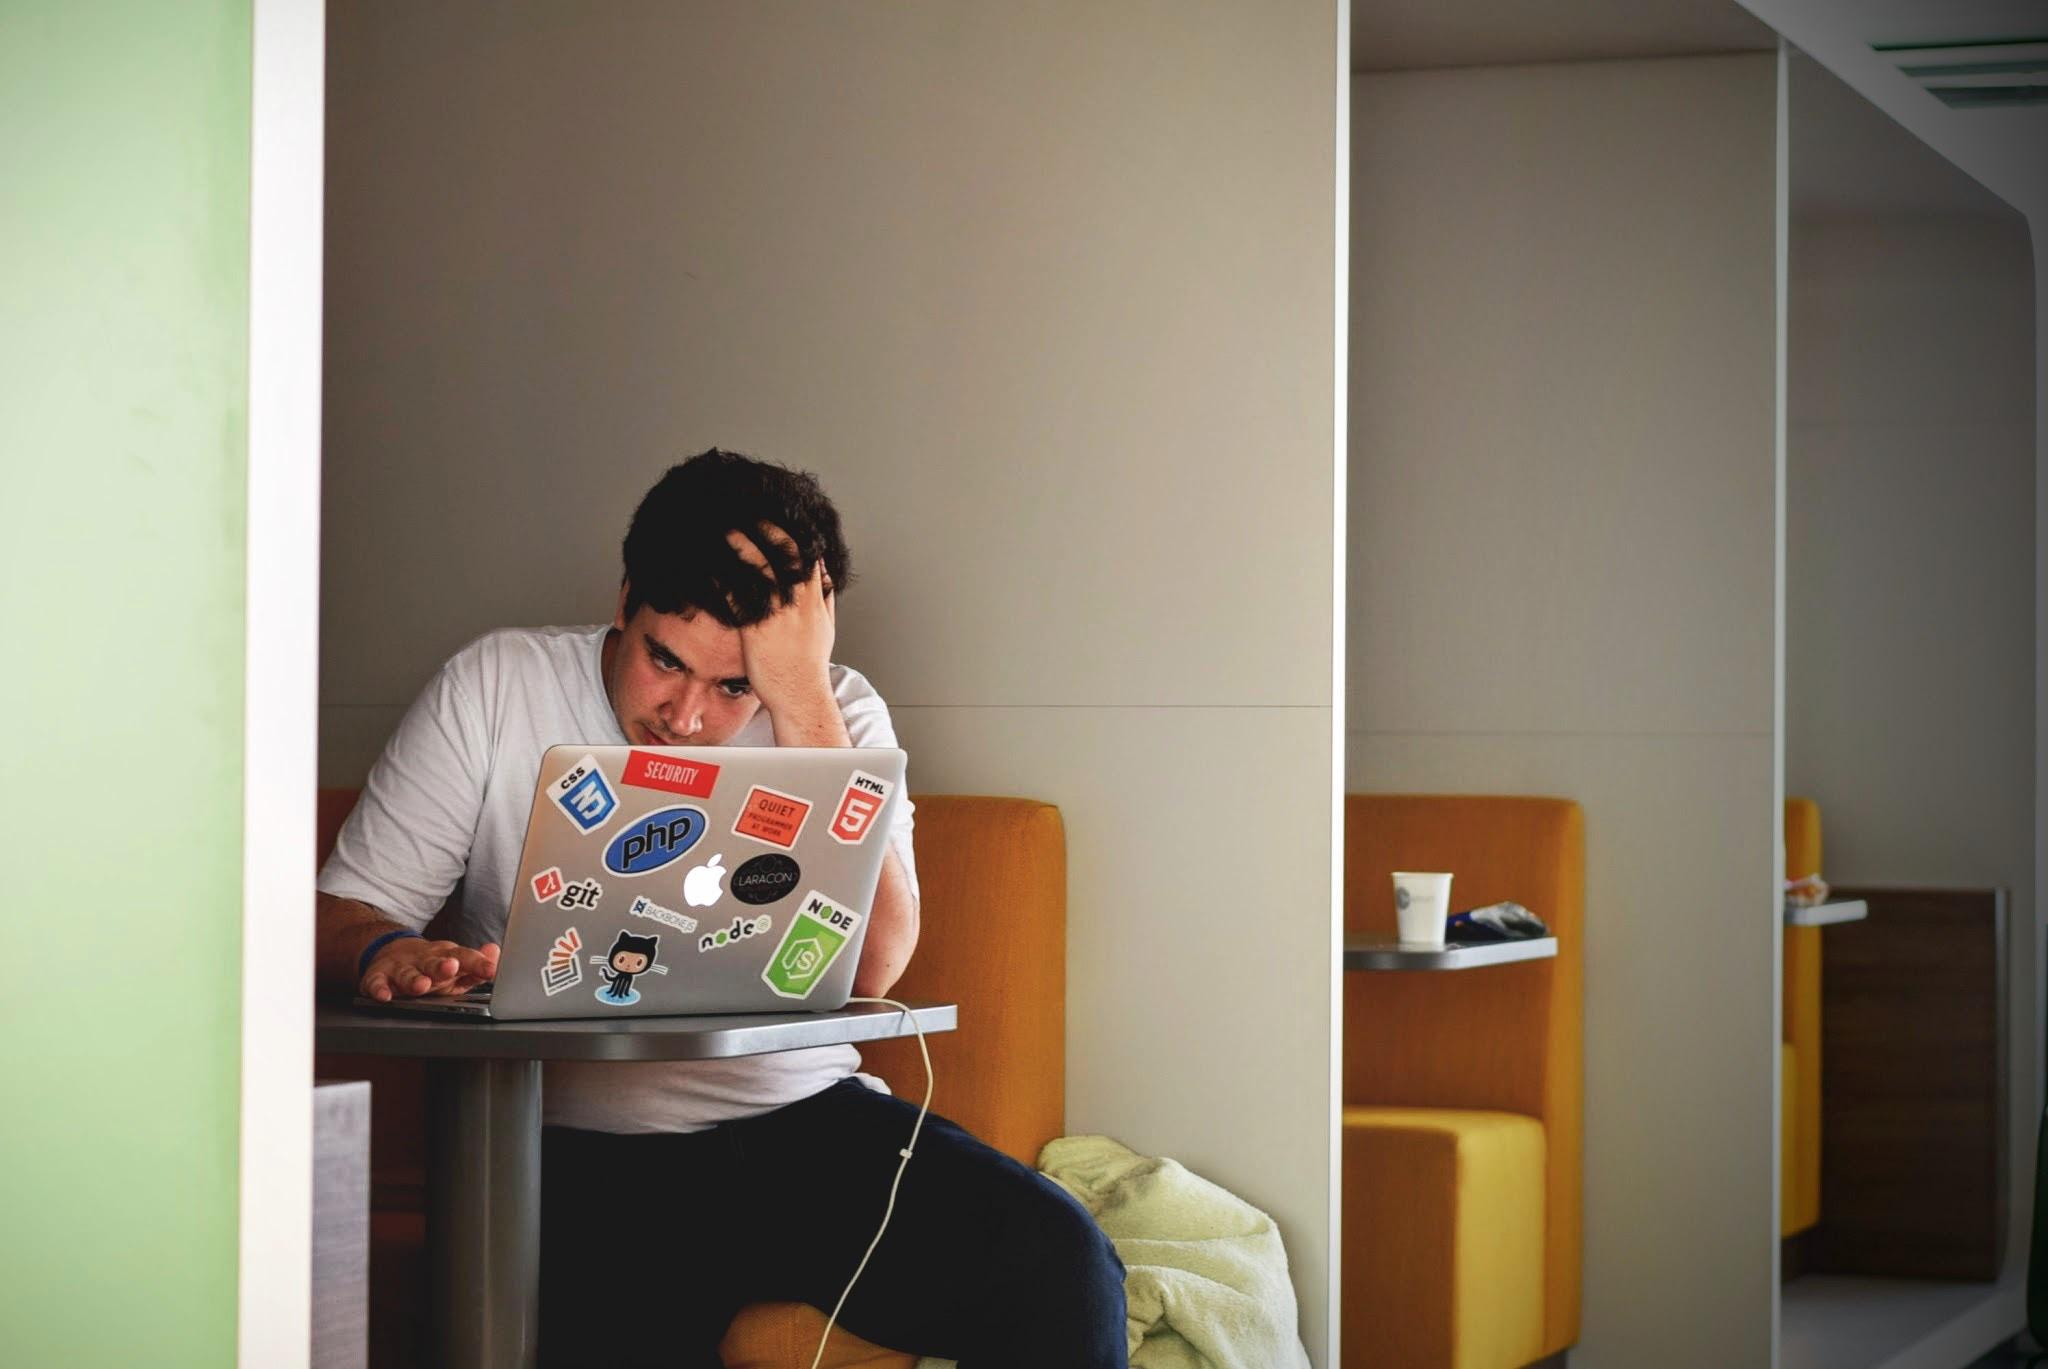 نکات مهم برای حفظ تمرکز در یادگیری برنامهنویسی